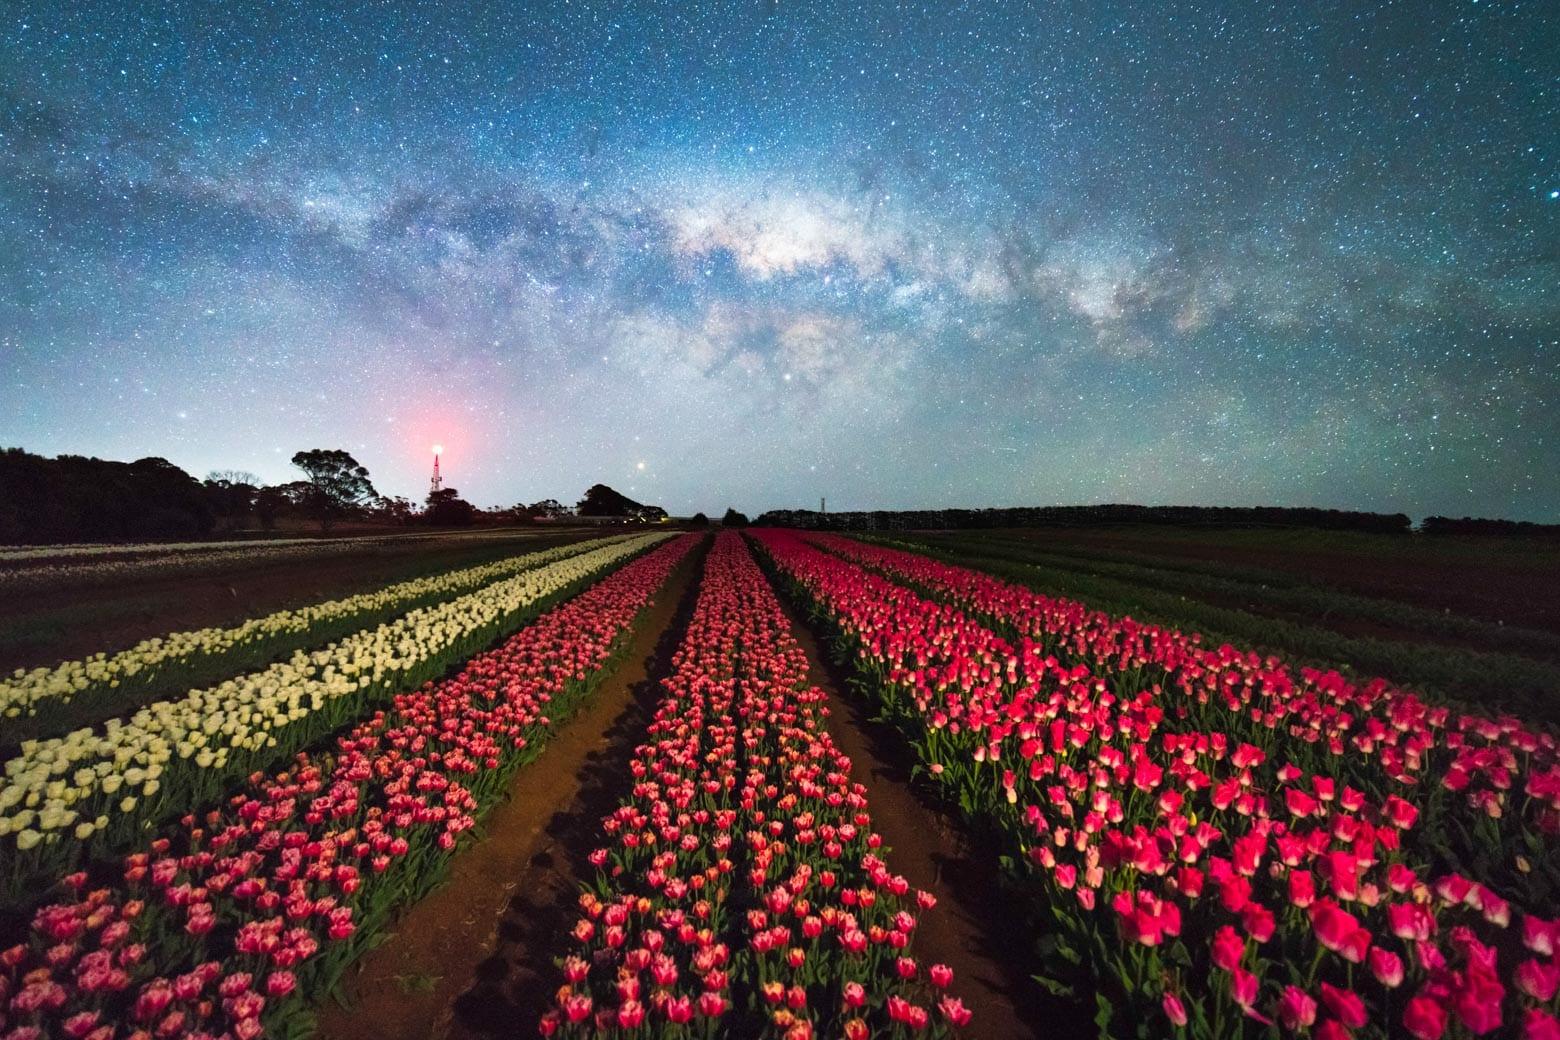 Table Cape Tulip Farm at night